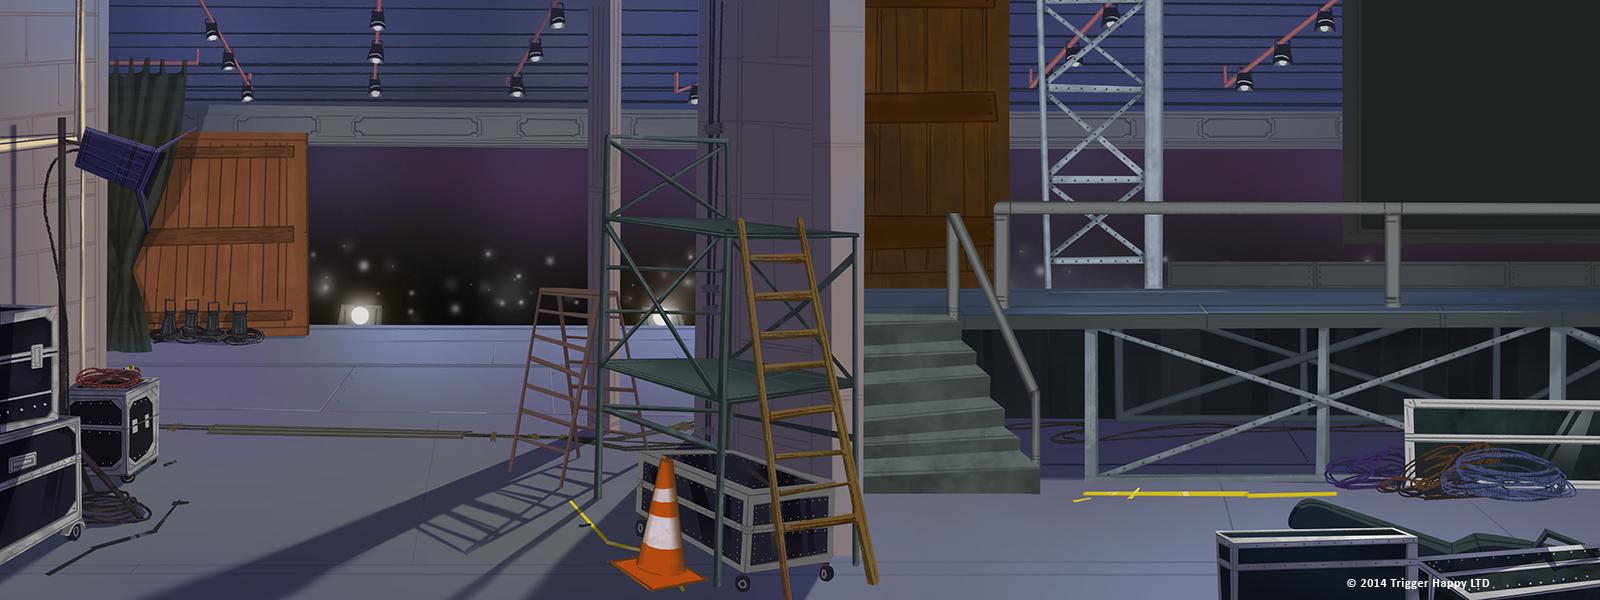 Backstage01+02.png